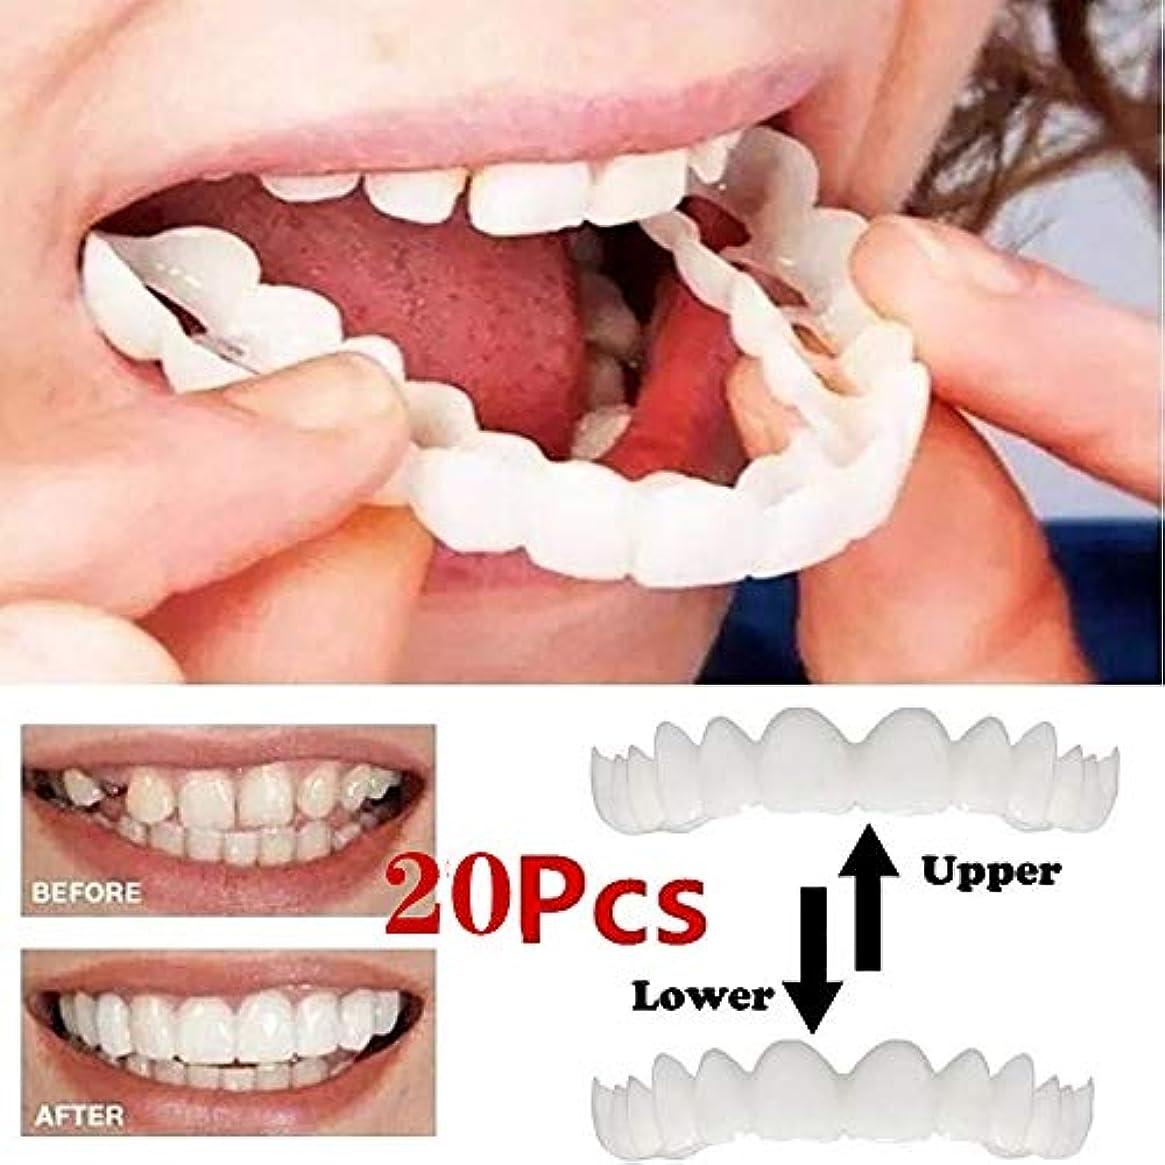 同情フルーティーグロー20個突き板の歯、化粧品の歯 - 一時的な笑顔の快適フィットフレックス化粧品の歯、誤った歯、快適なトップとボトムベニア - 歯突き板(10 /ボトム+ / 10トップ)